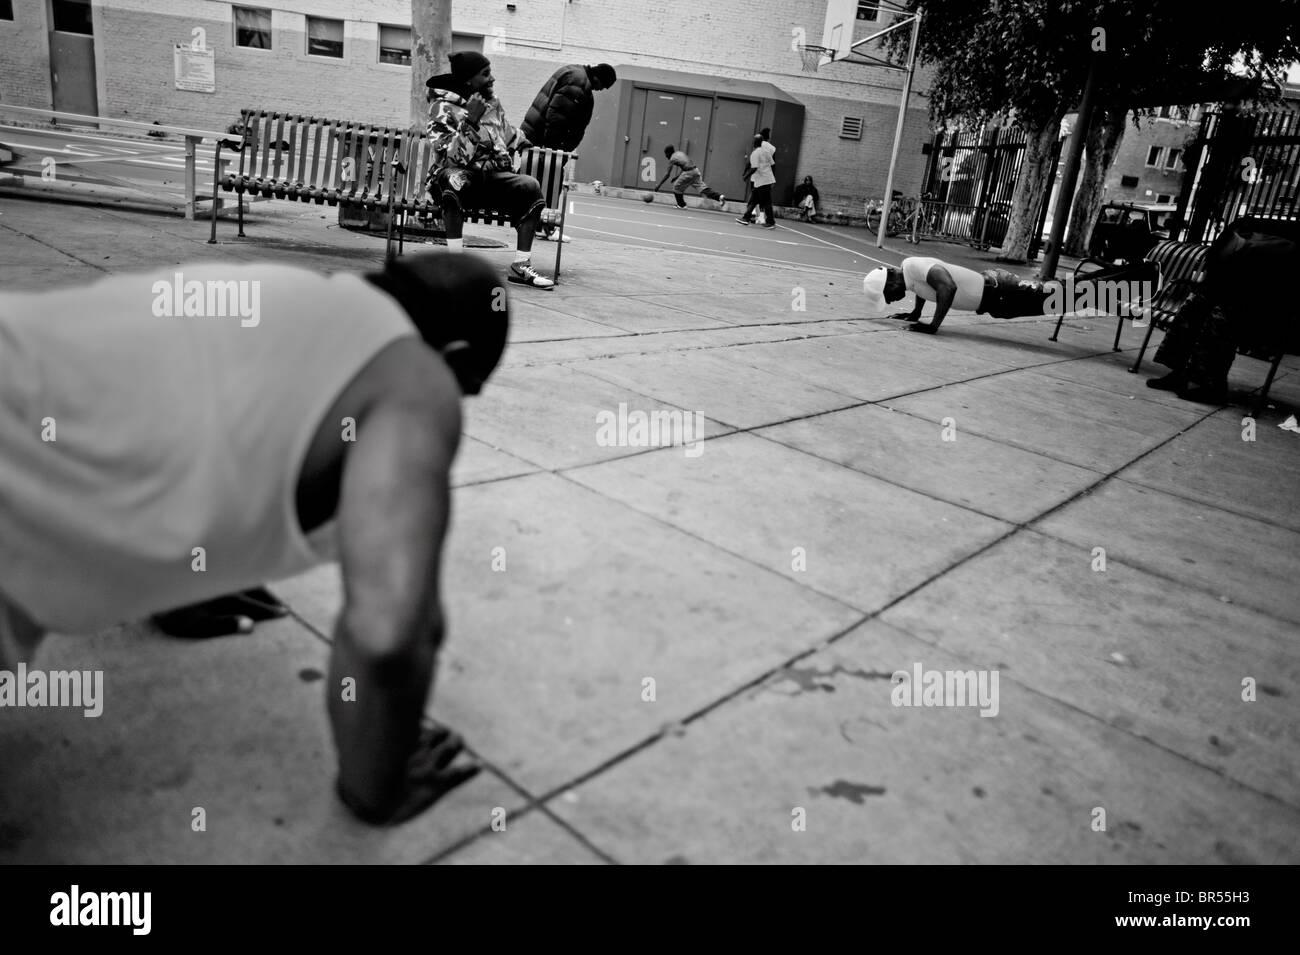 Senzatetto in Skid Row zona di Los Angeles in California. Foto Stock